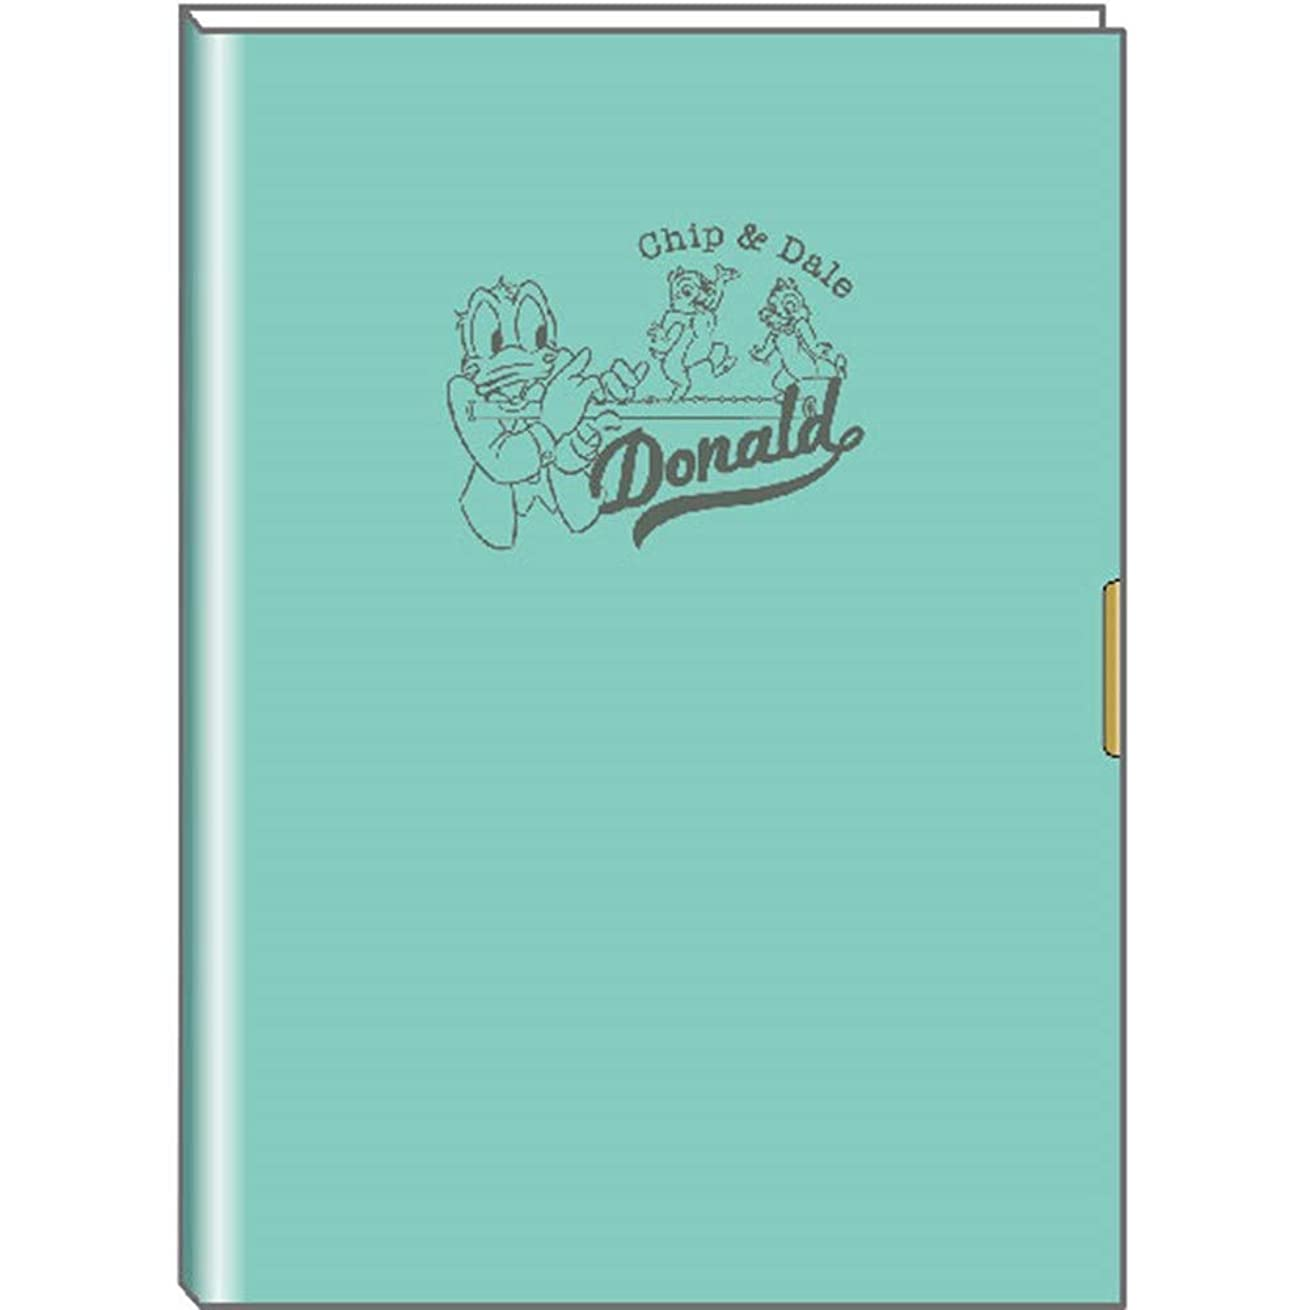 メカニックビン一掃するデルフィーノ ディズニー 19年9月始まり マンスリー手帳 A5サイズ ドナルド&チップ&デール エメラルドグリーン DZ-80540